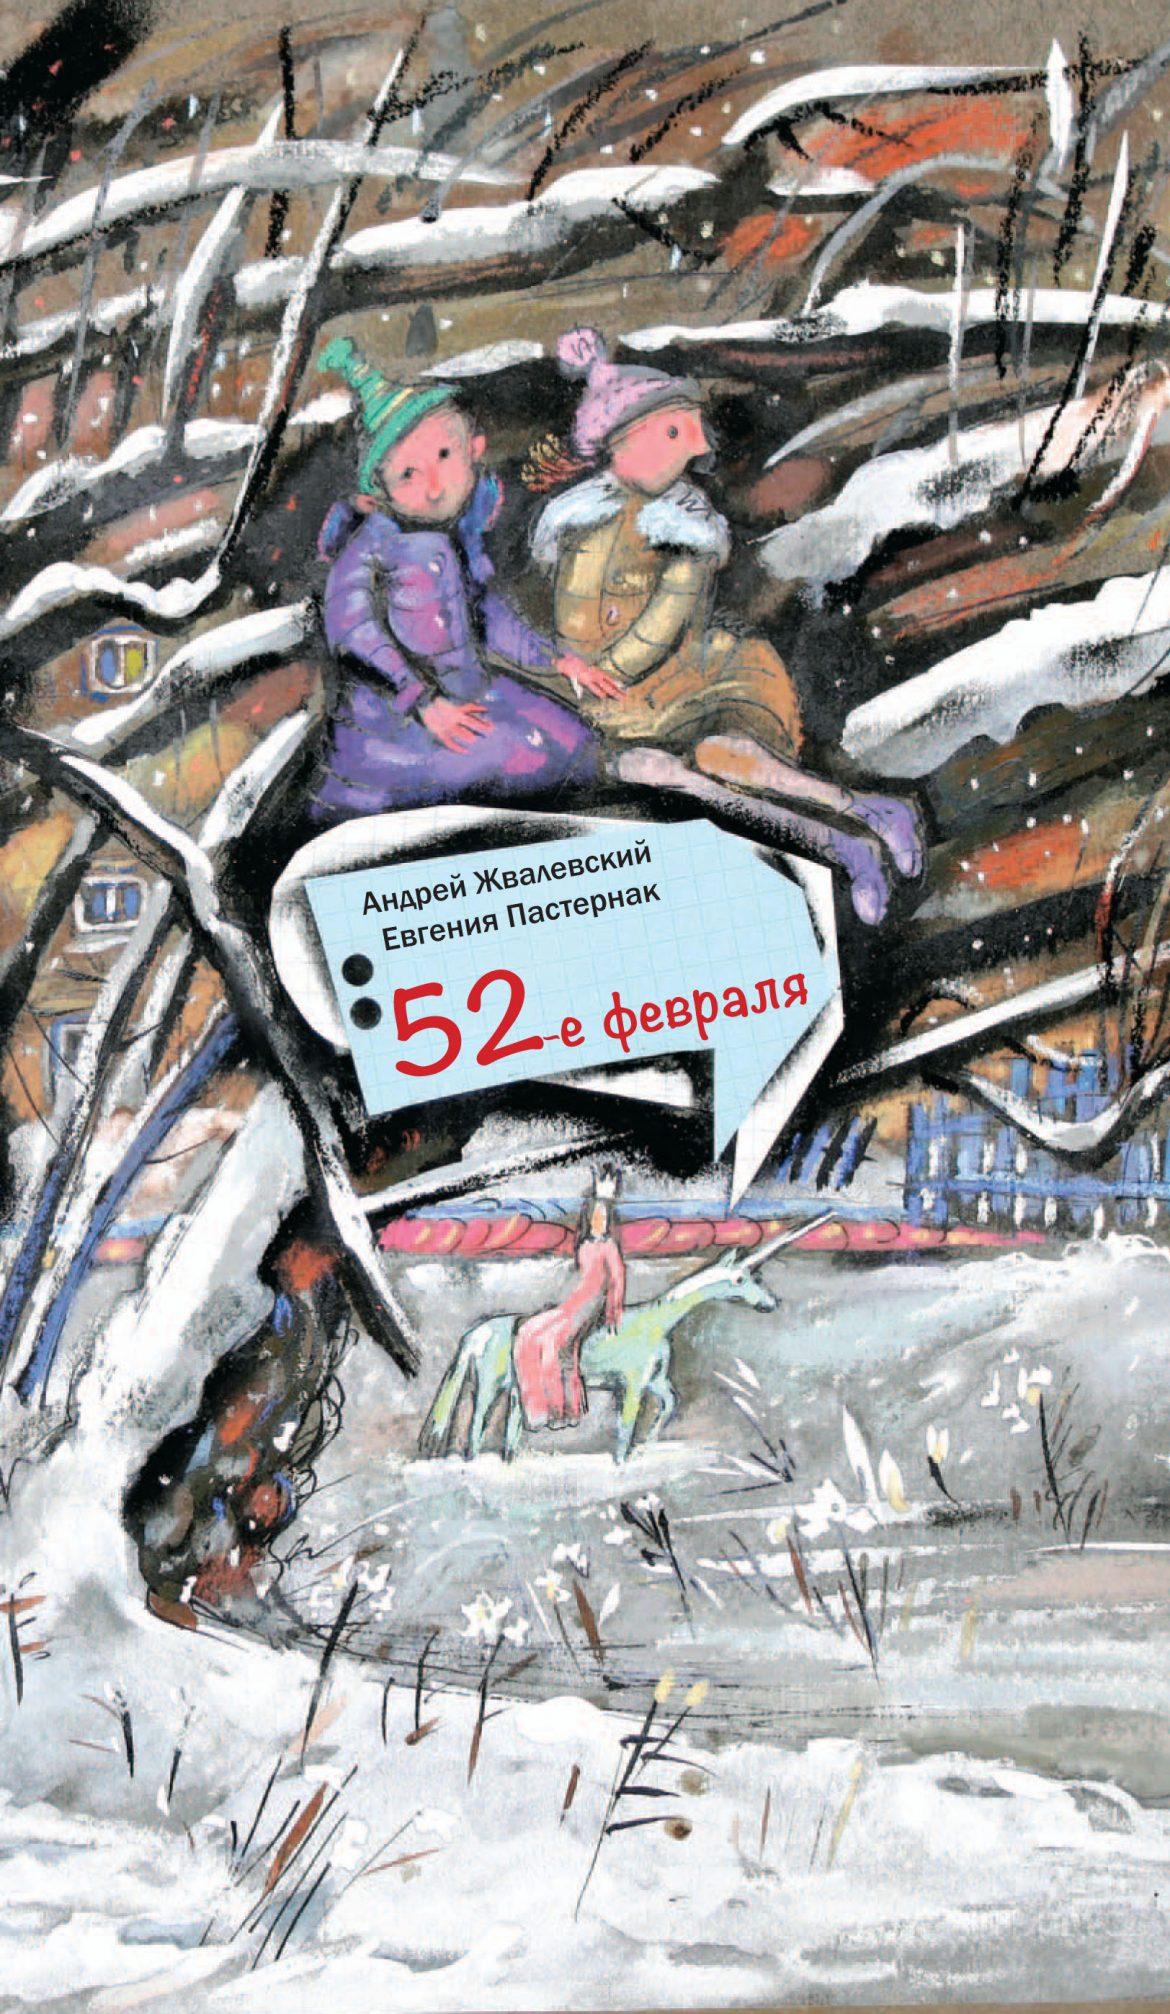 52-е февраля —  Андрей Жвалевский, Евгения Пастернак